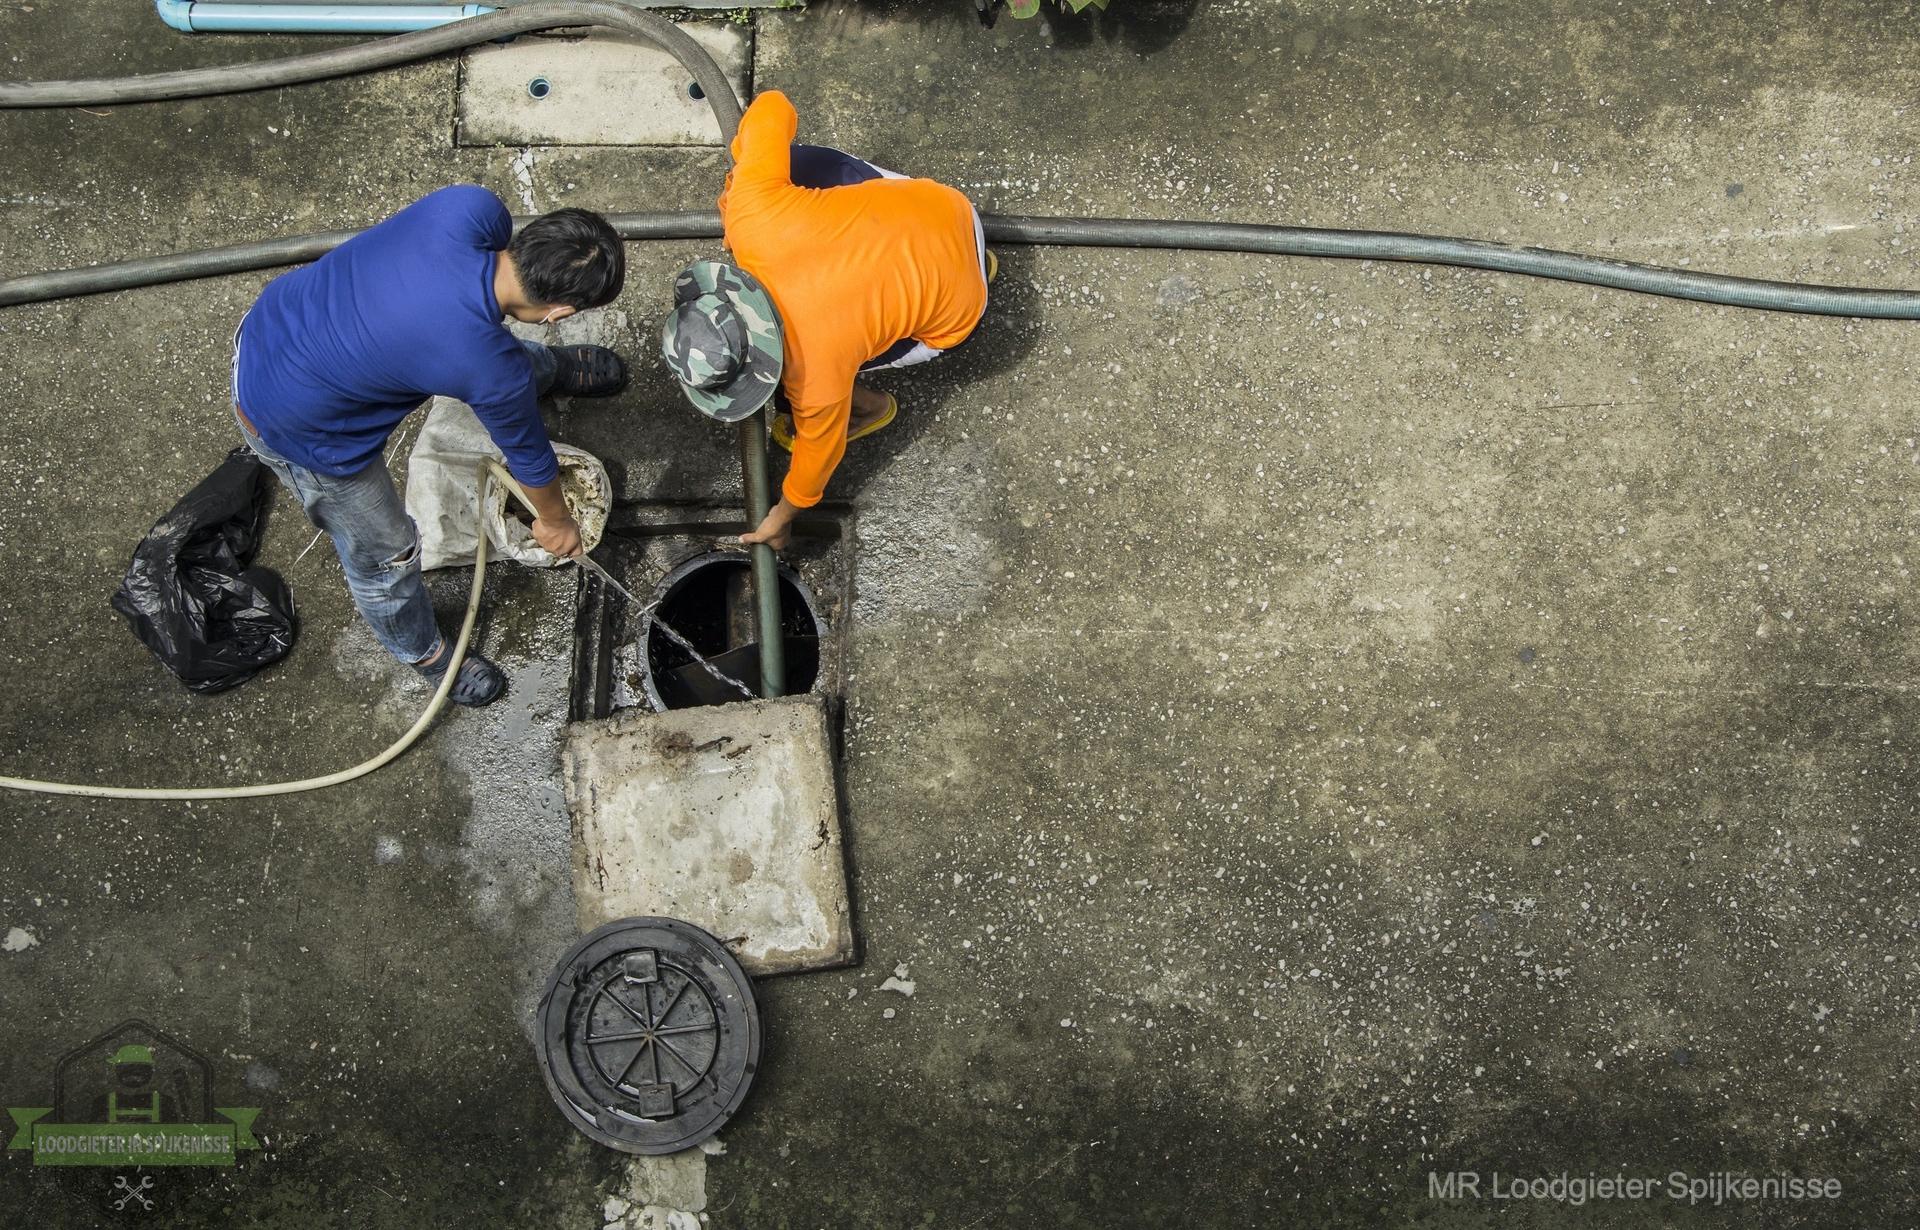 Riool inspectie loodgieter Spijkenisse